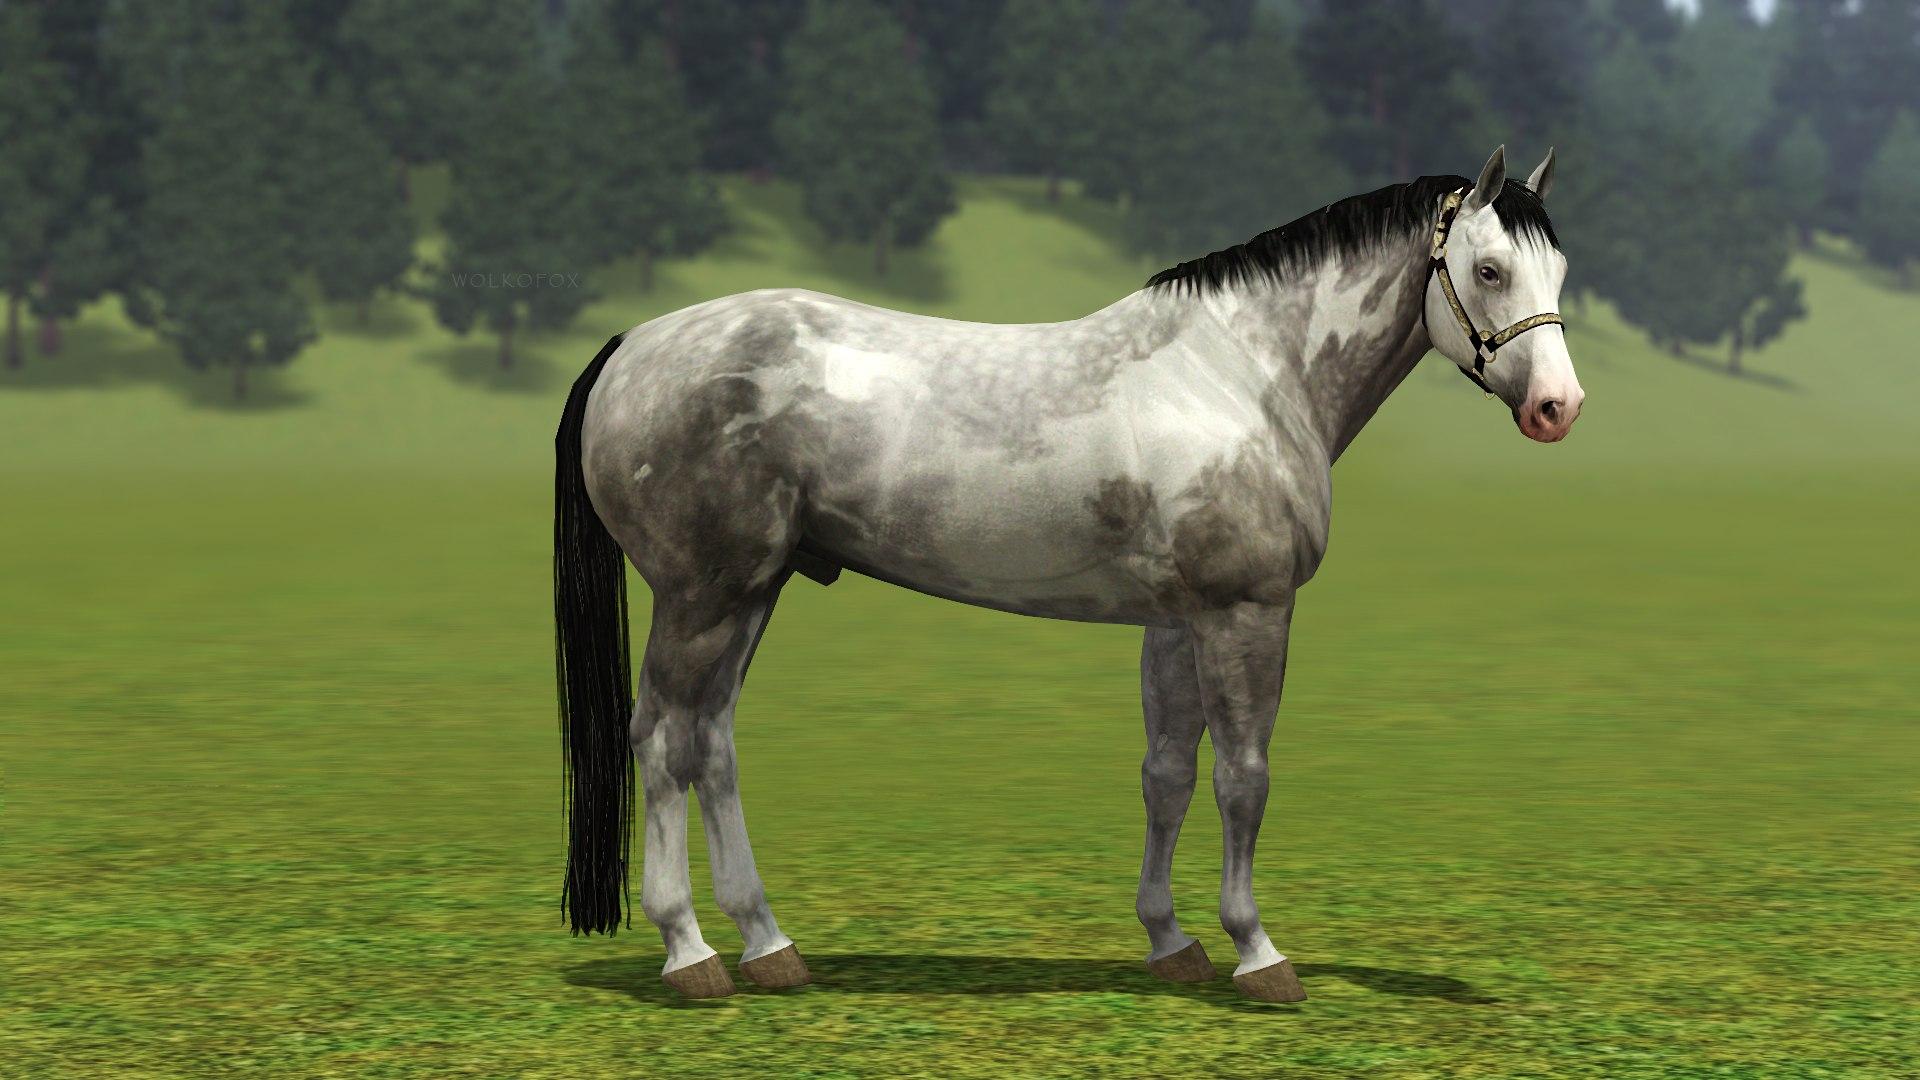 Регистрация лошадей в RHF 2 - Страница 4 -M3mfz05Gb8